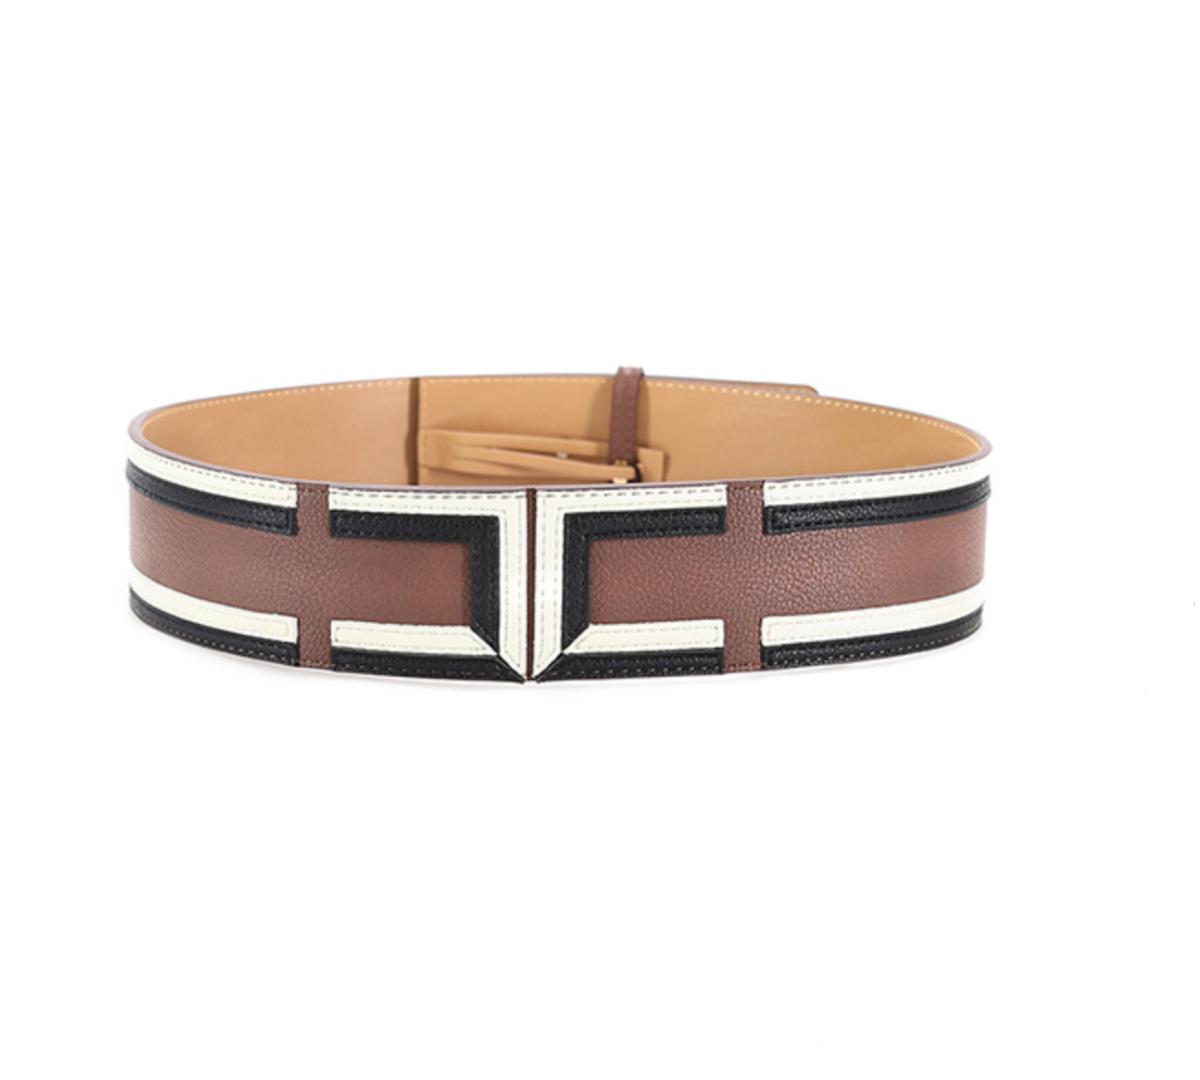 Cintura alta in ecopelle tricolor con logo Elisabetta Franchi ELISABETTA FRANCHI   Cintura   CT39S06E2038